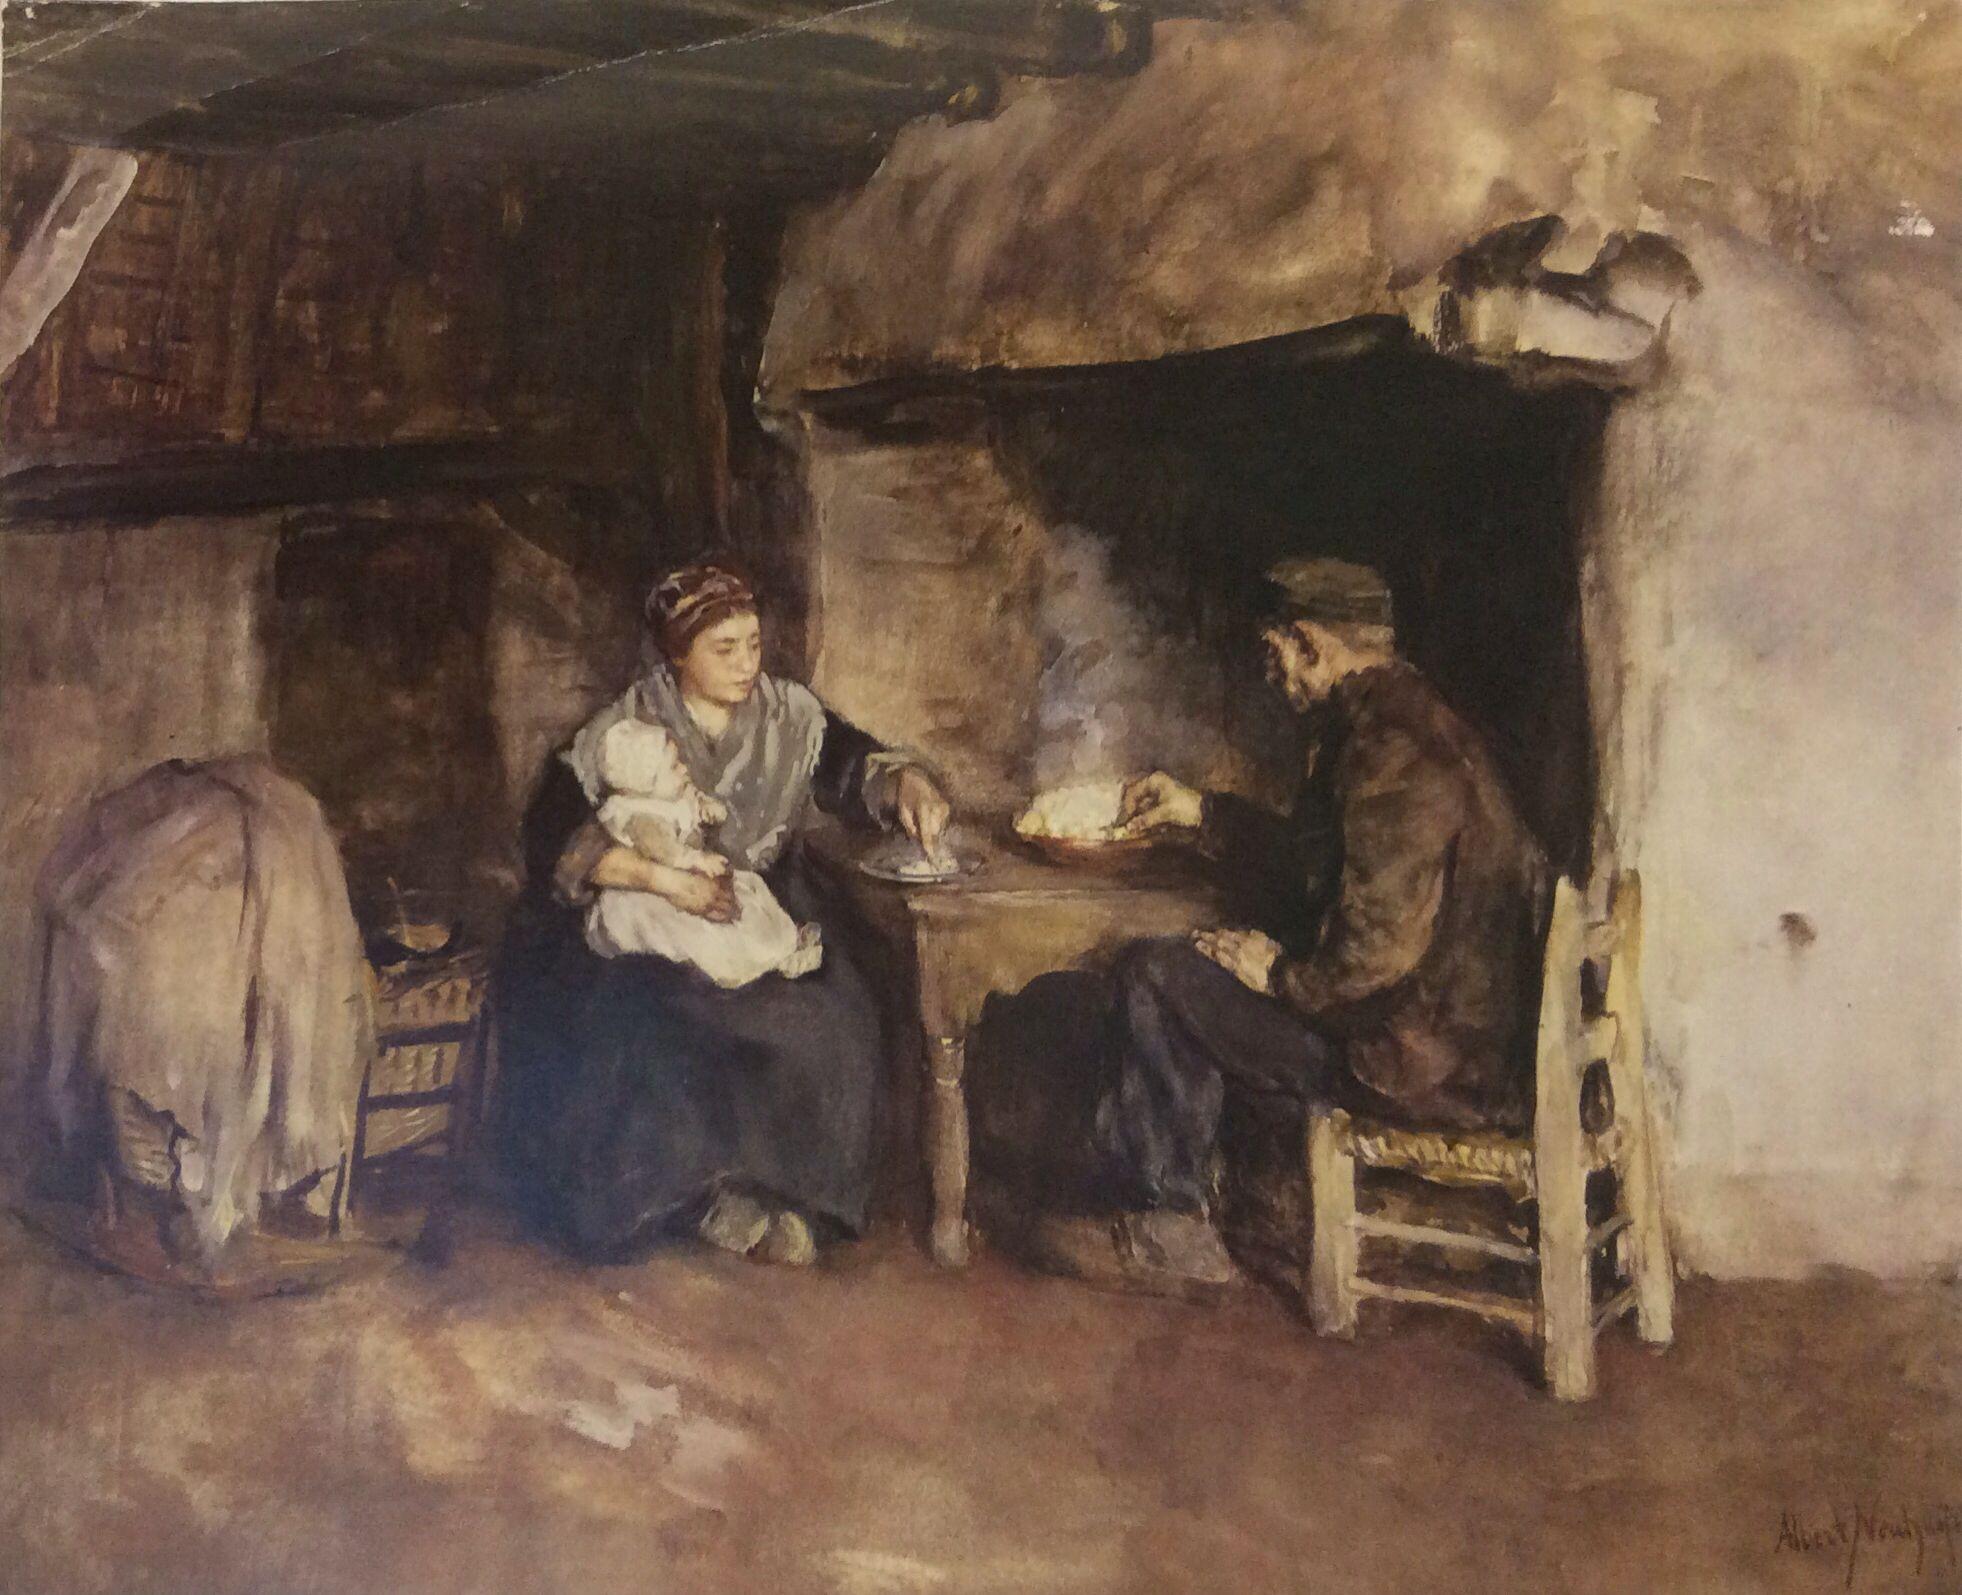 Johannes A. Neuhuys (1844-1914)